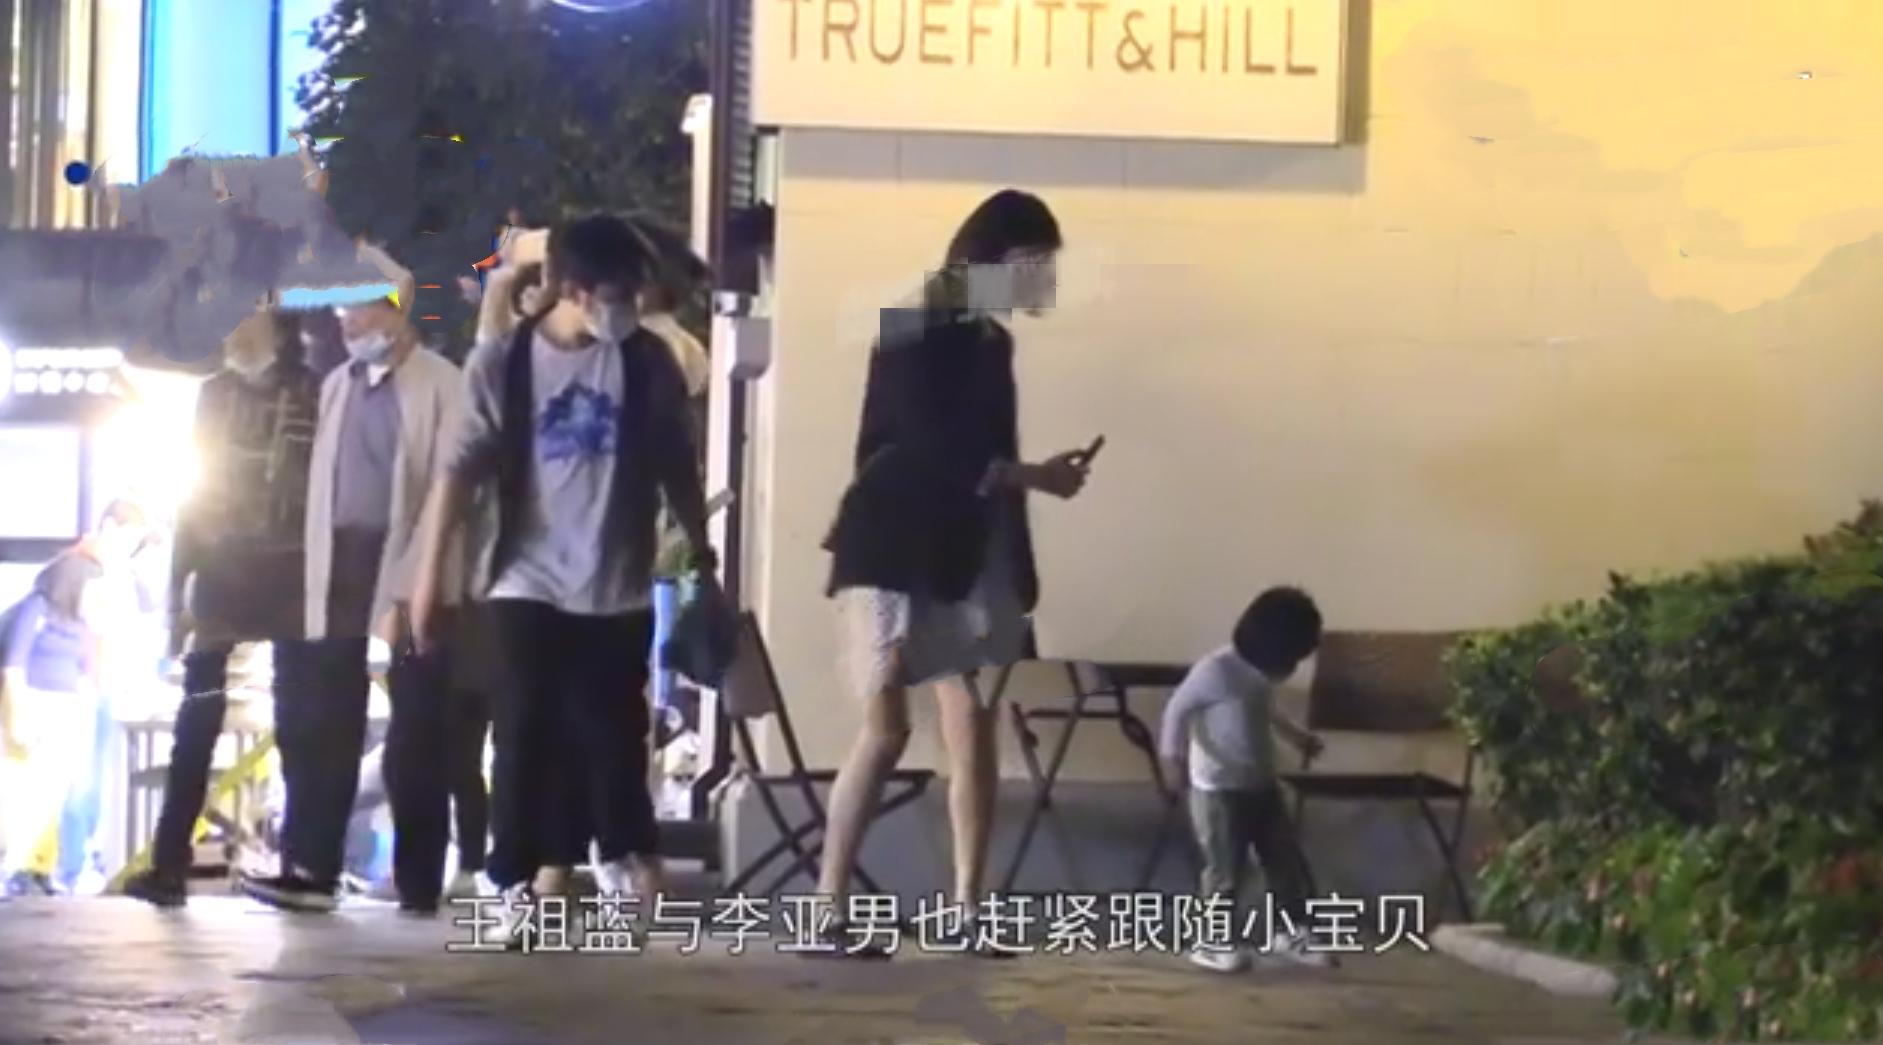 王祖藍一家出行,女兒追逐小貓超可愛,李亞男挺孕肚跟拍畫面溫馨